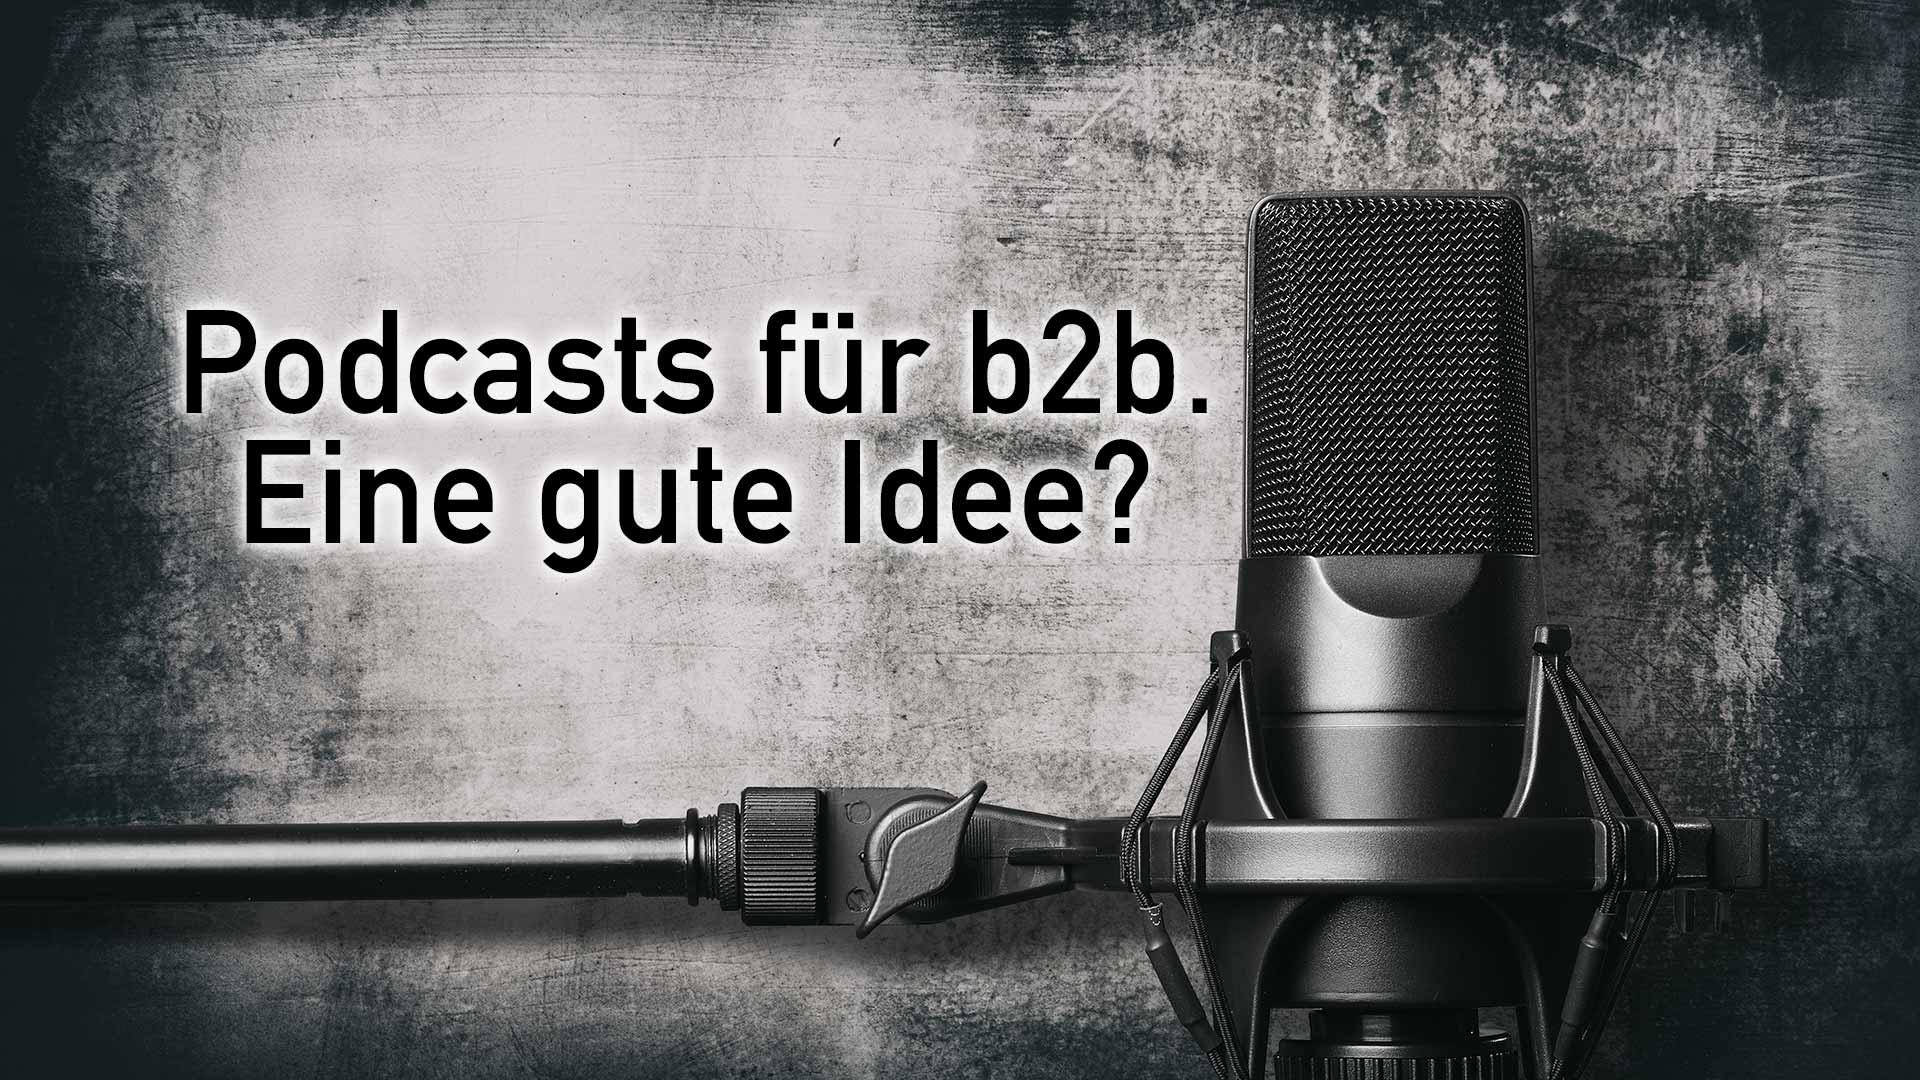 Podcasts für b2b – ist das eine gute Idee?